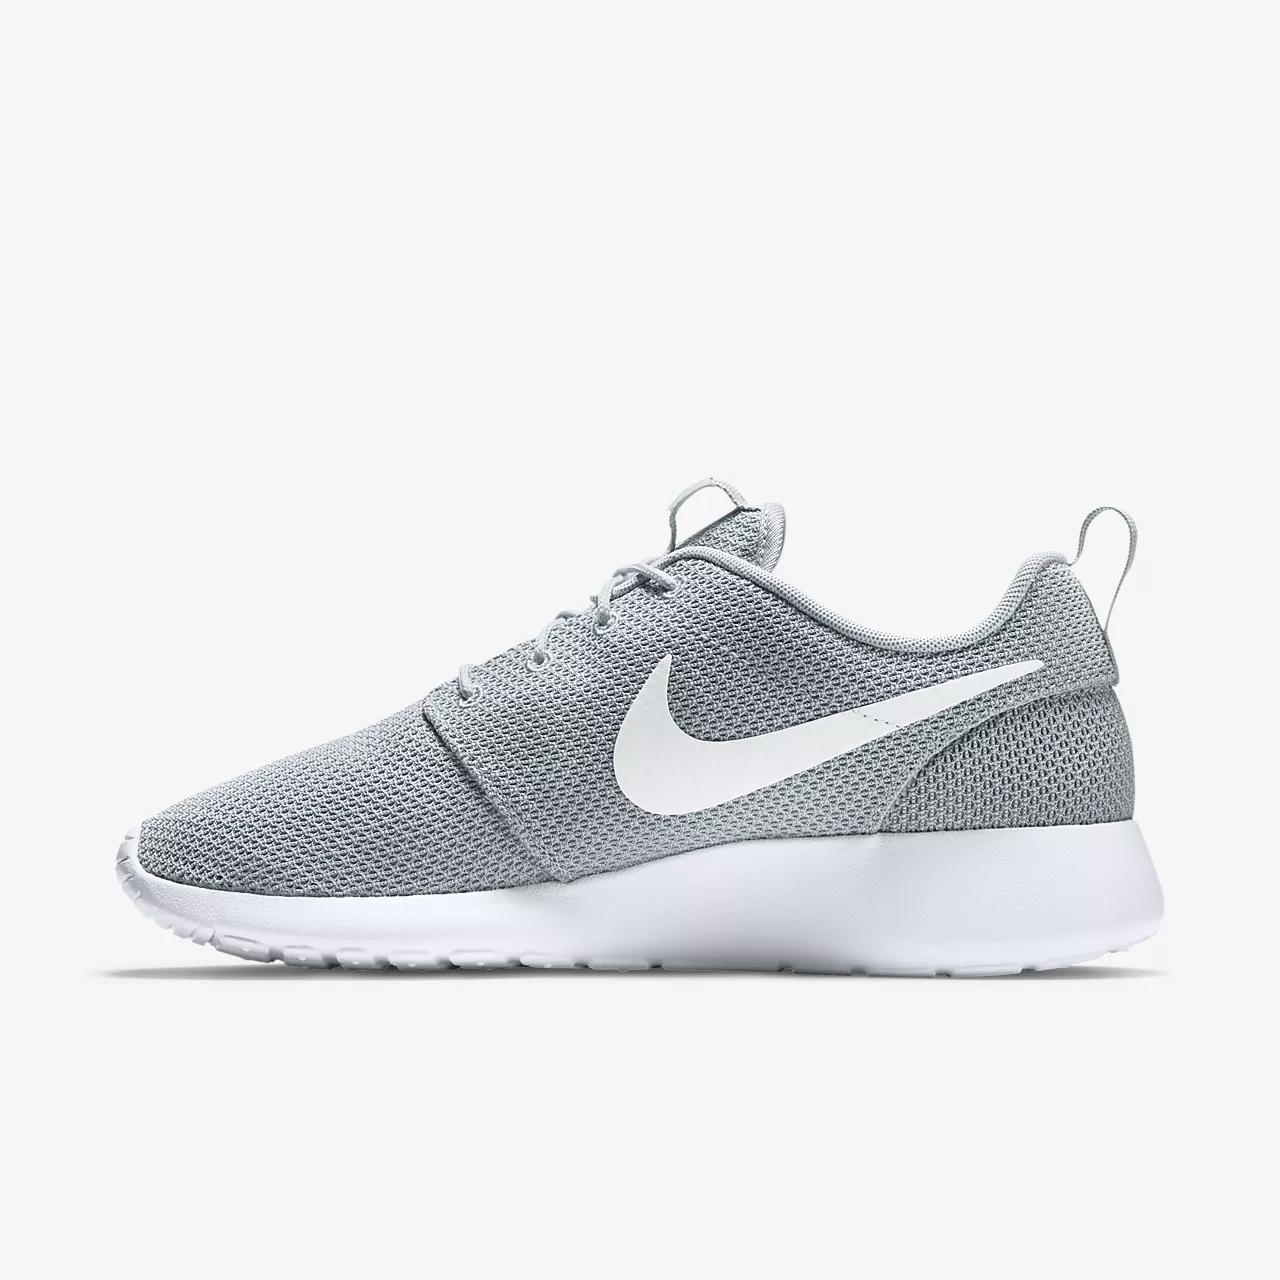 나이키 로쉬 원 남성 신발 511881-023